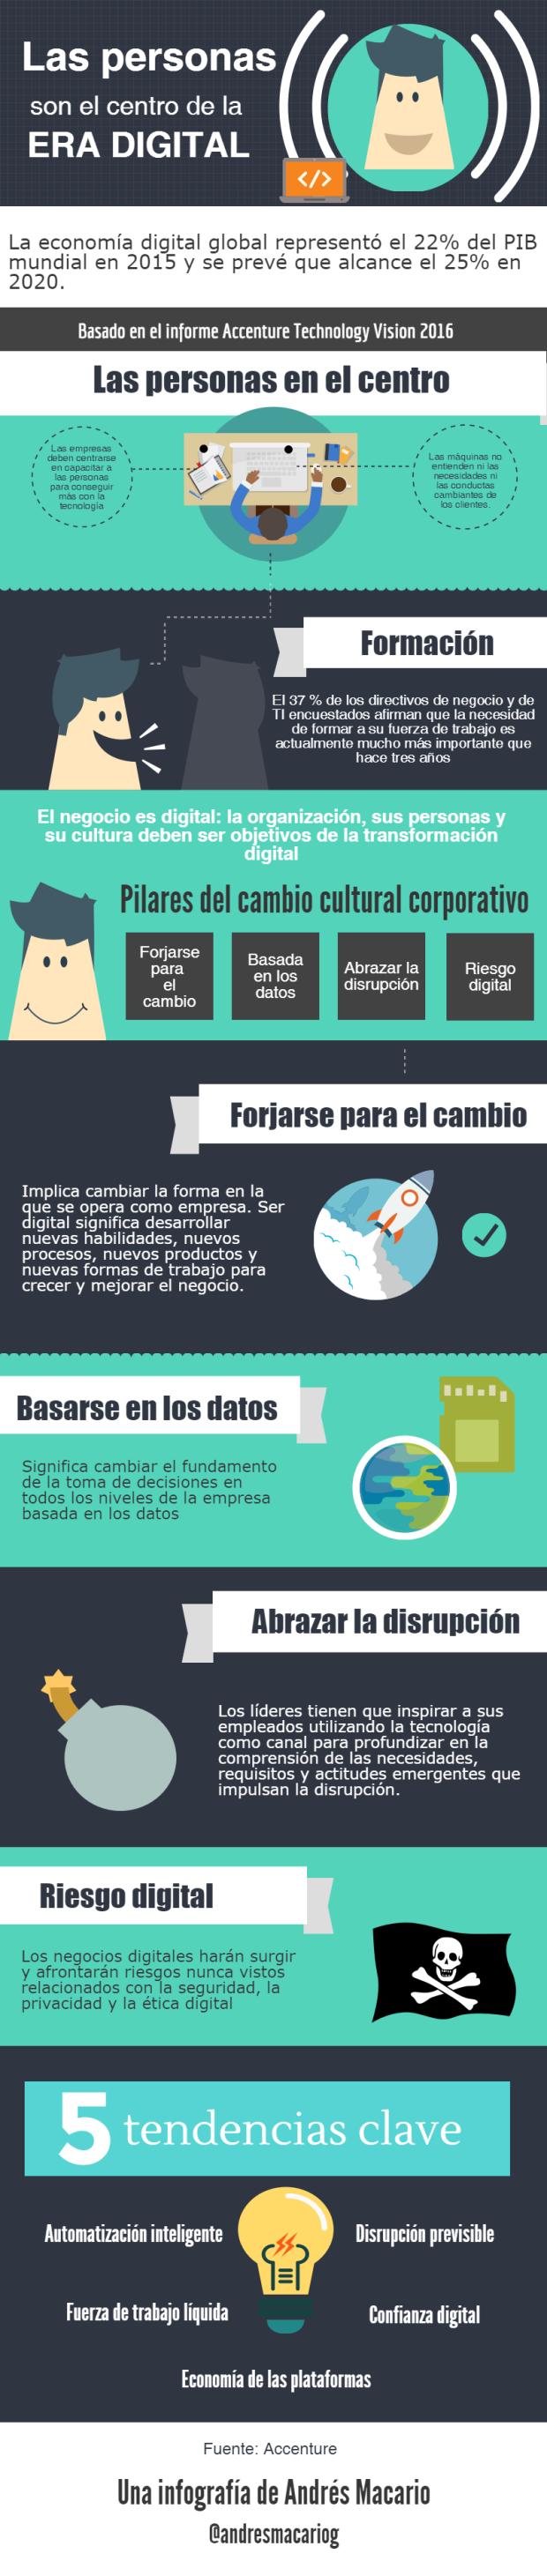 https://andresmacario.com/las-personas-son-el-centro-de-la-era-digital-infografia/